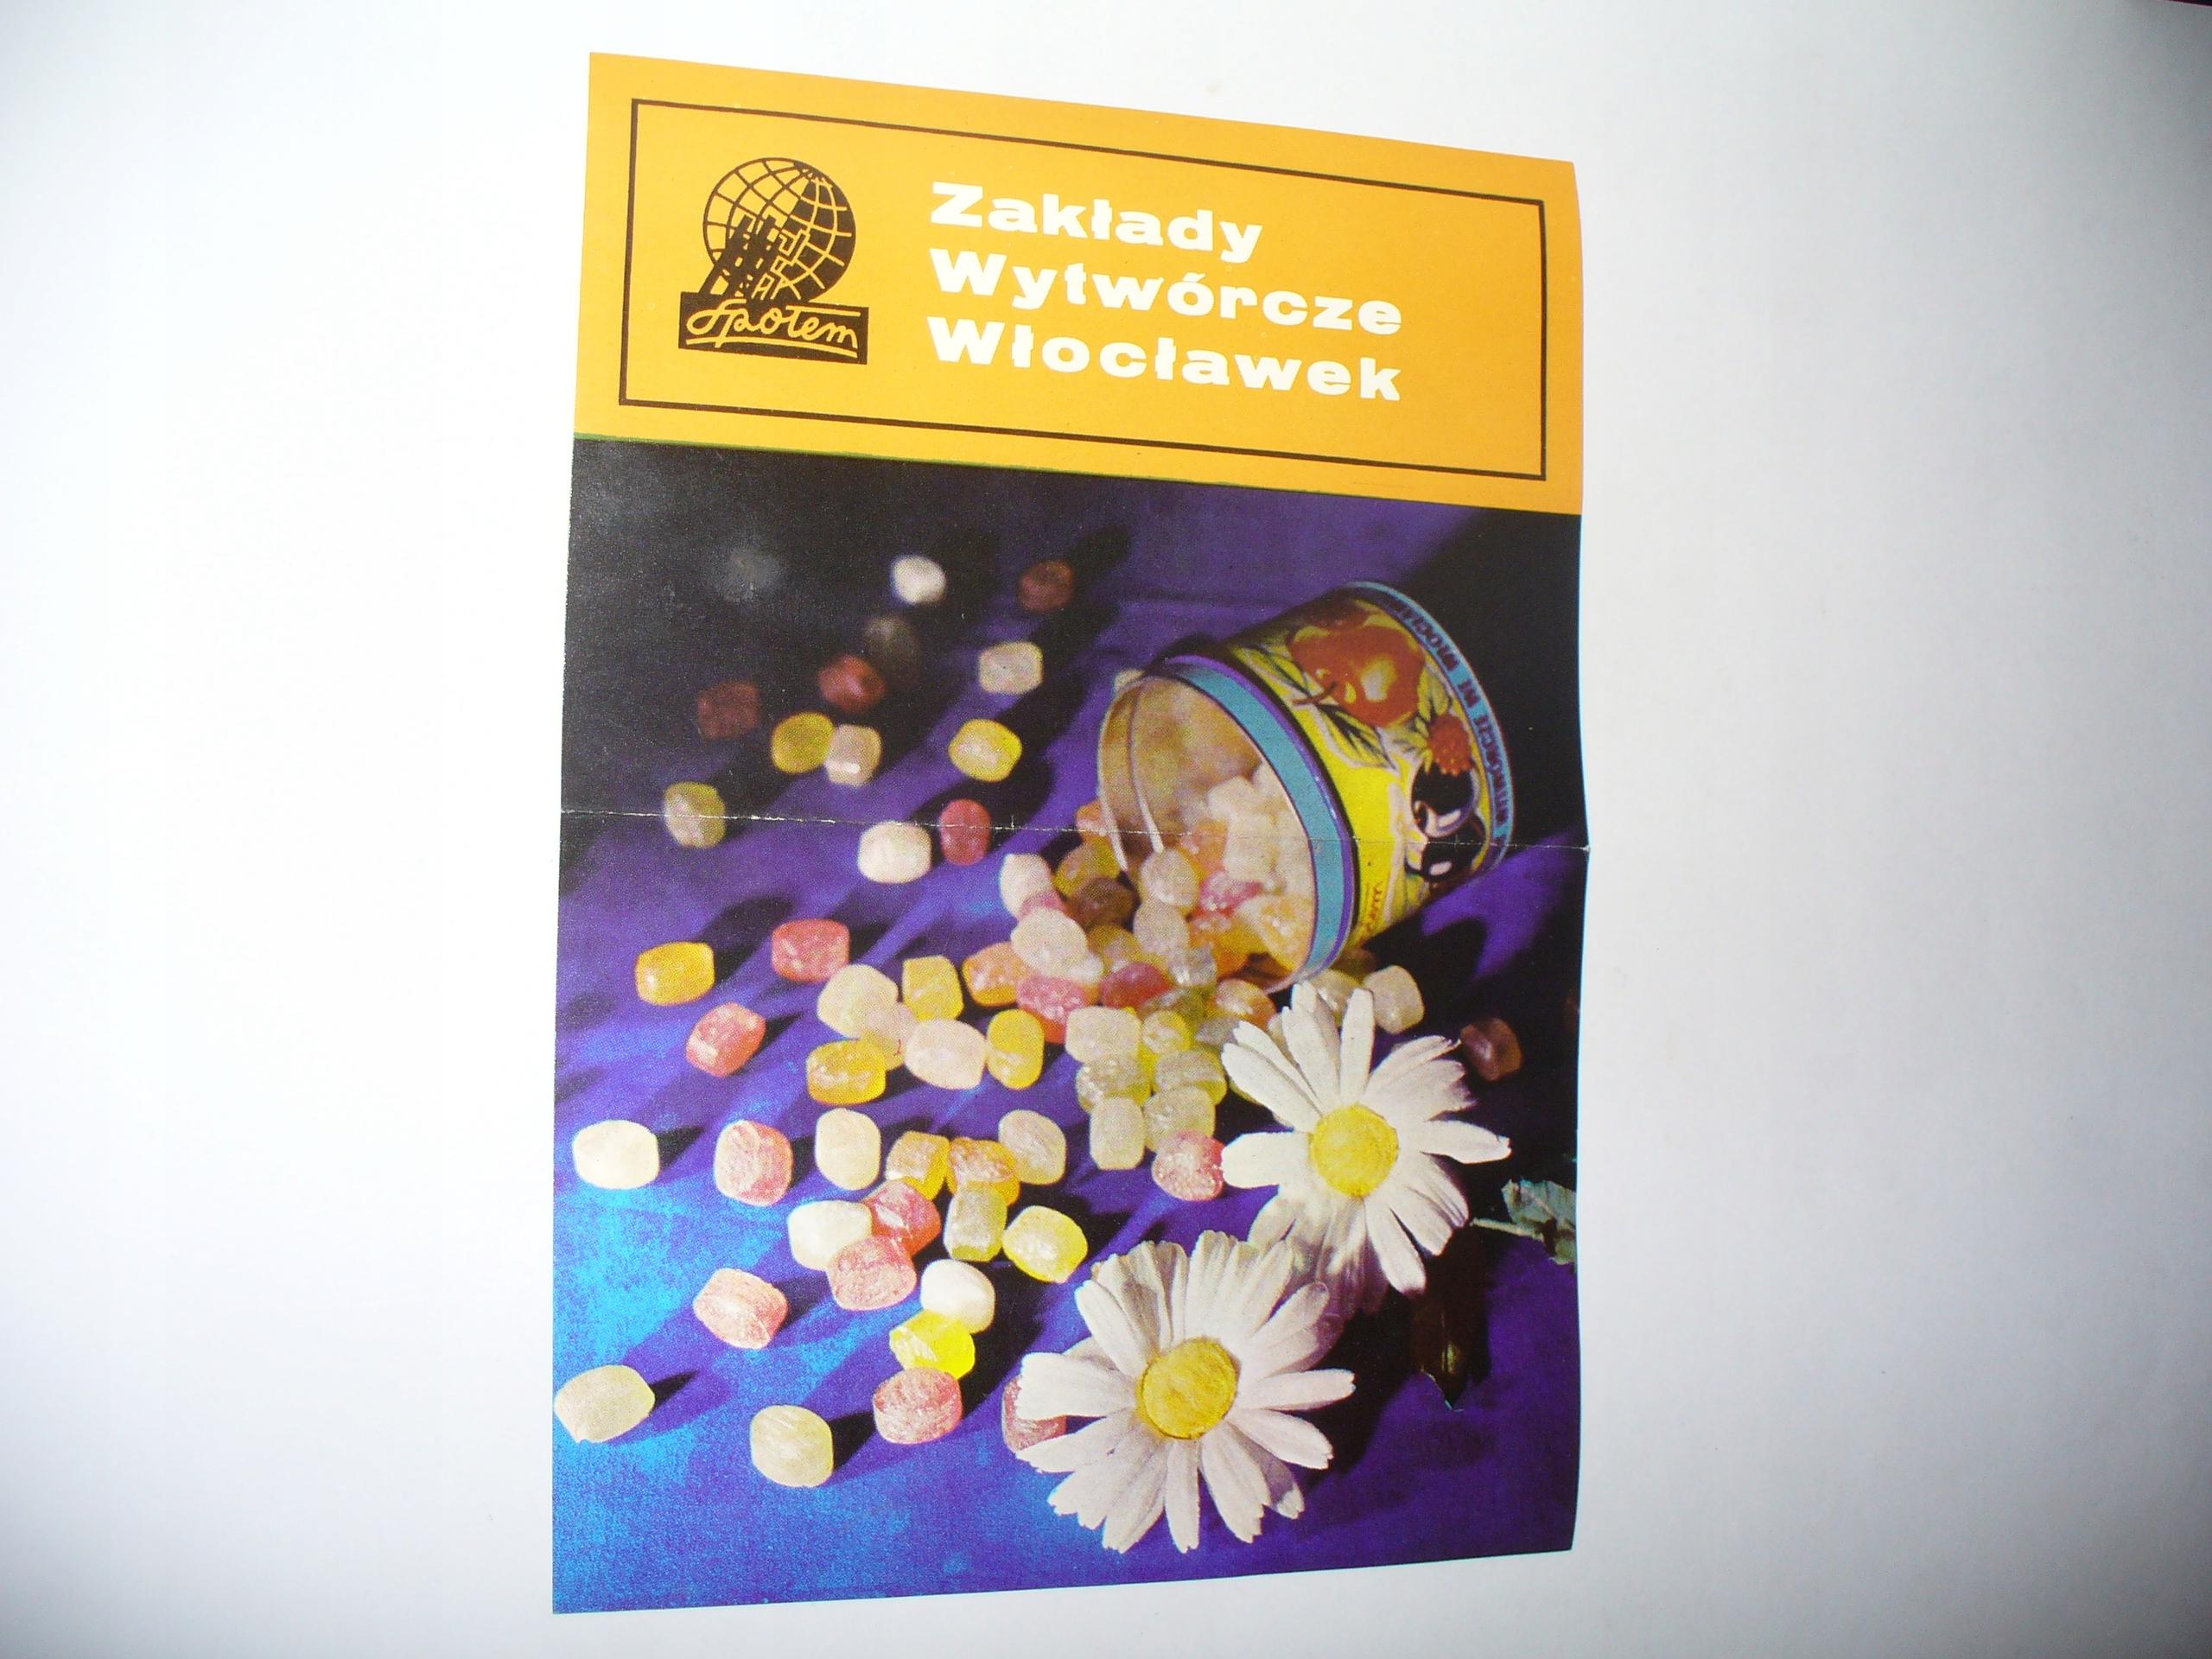 Reklama cukierków Społem z Włocławka  PRL